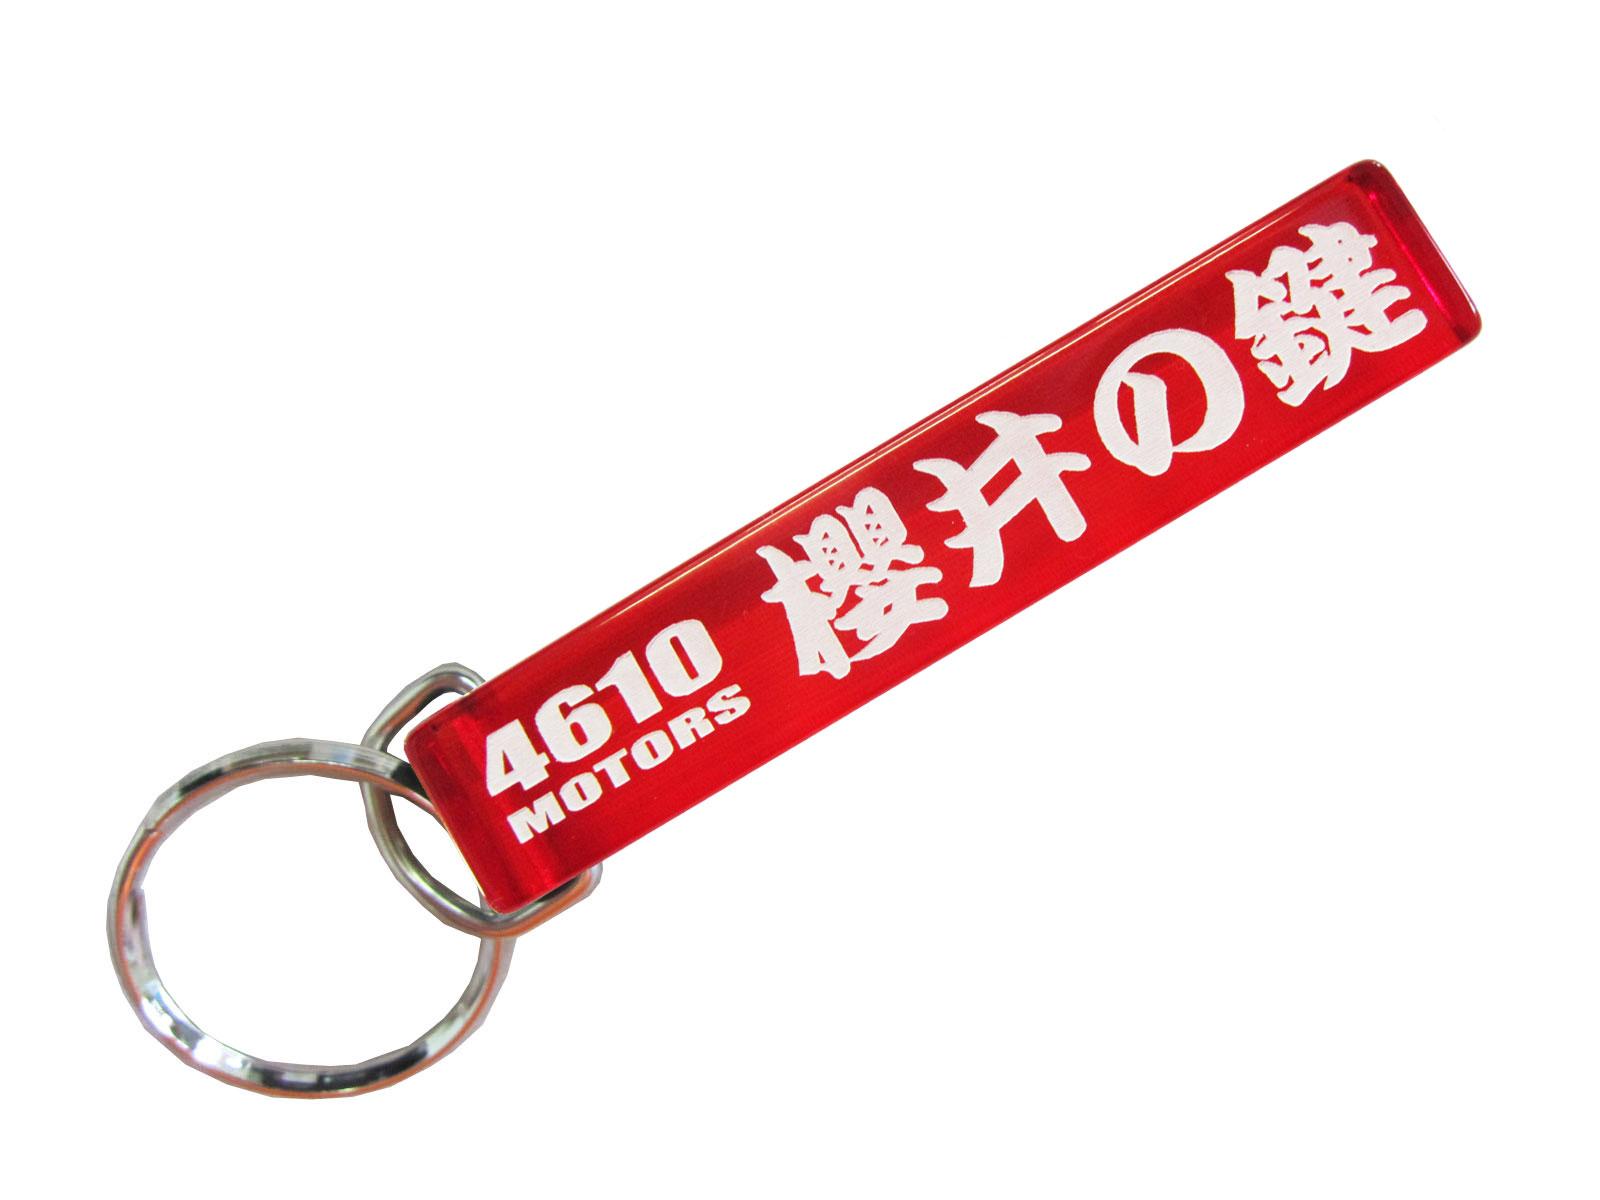 ミニホテルキーホルダー  桜井の鍵